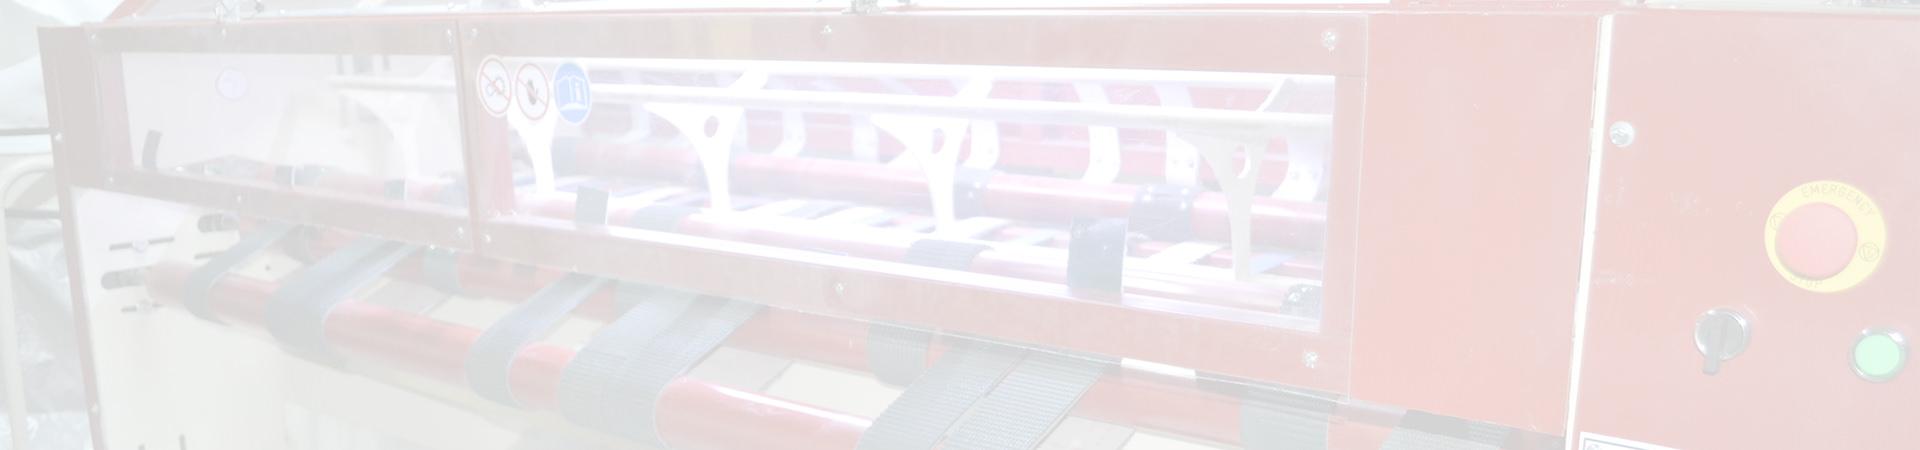 avtomatik xalça təmizləmə maşınları